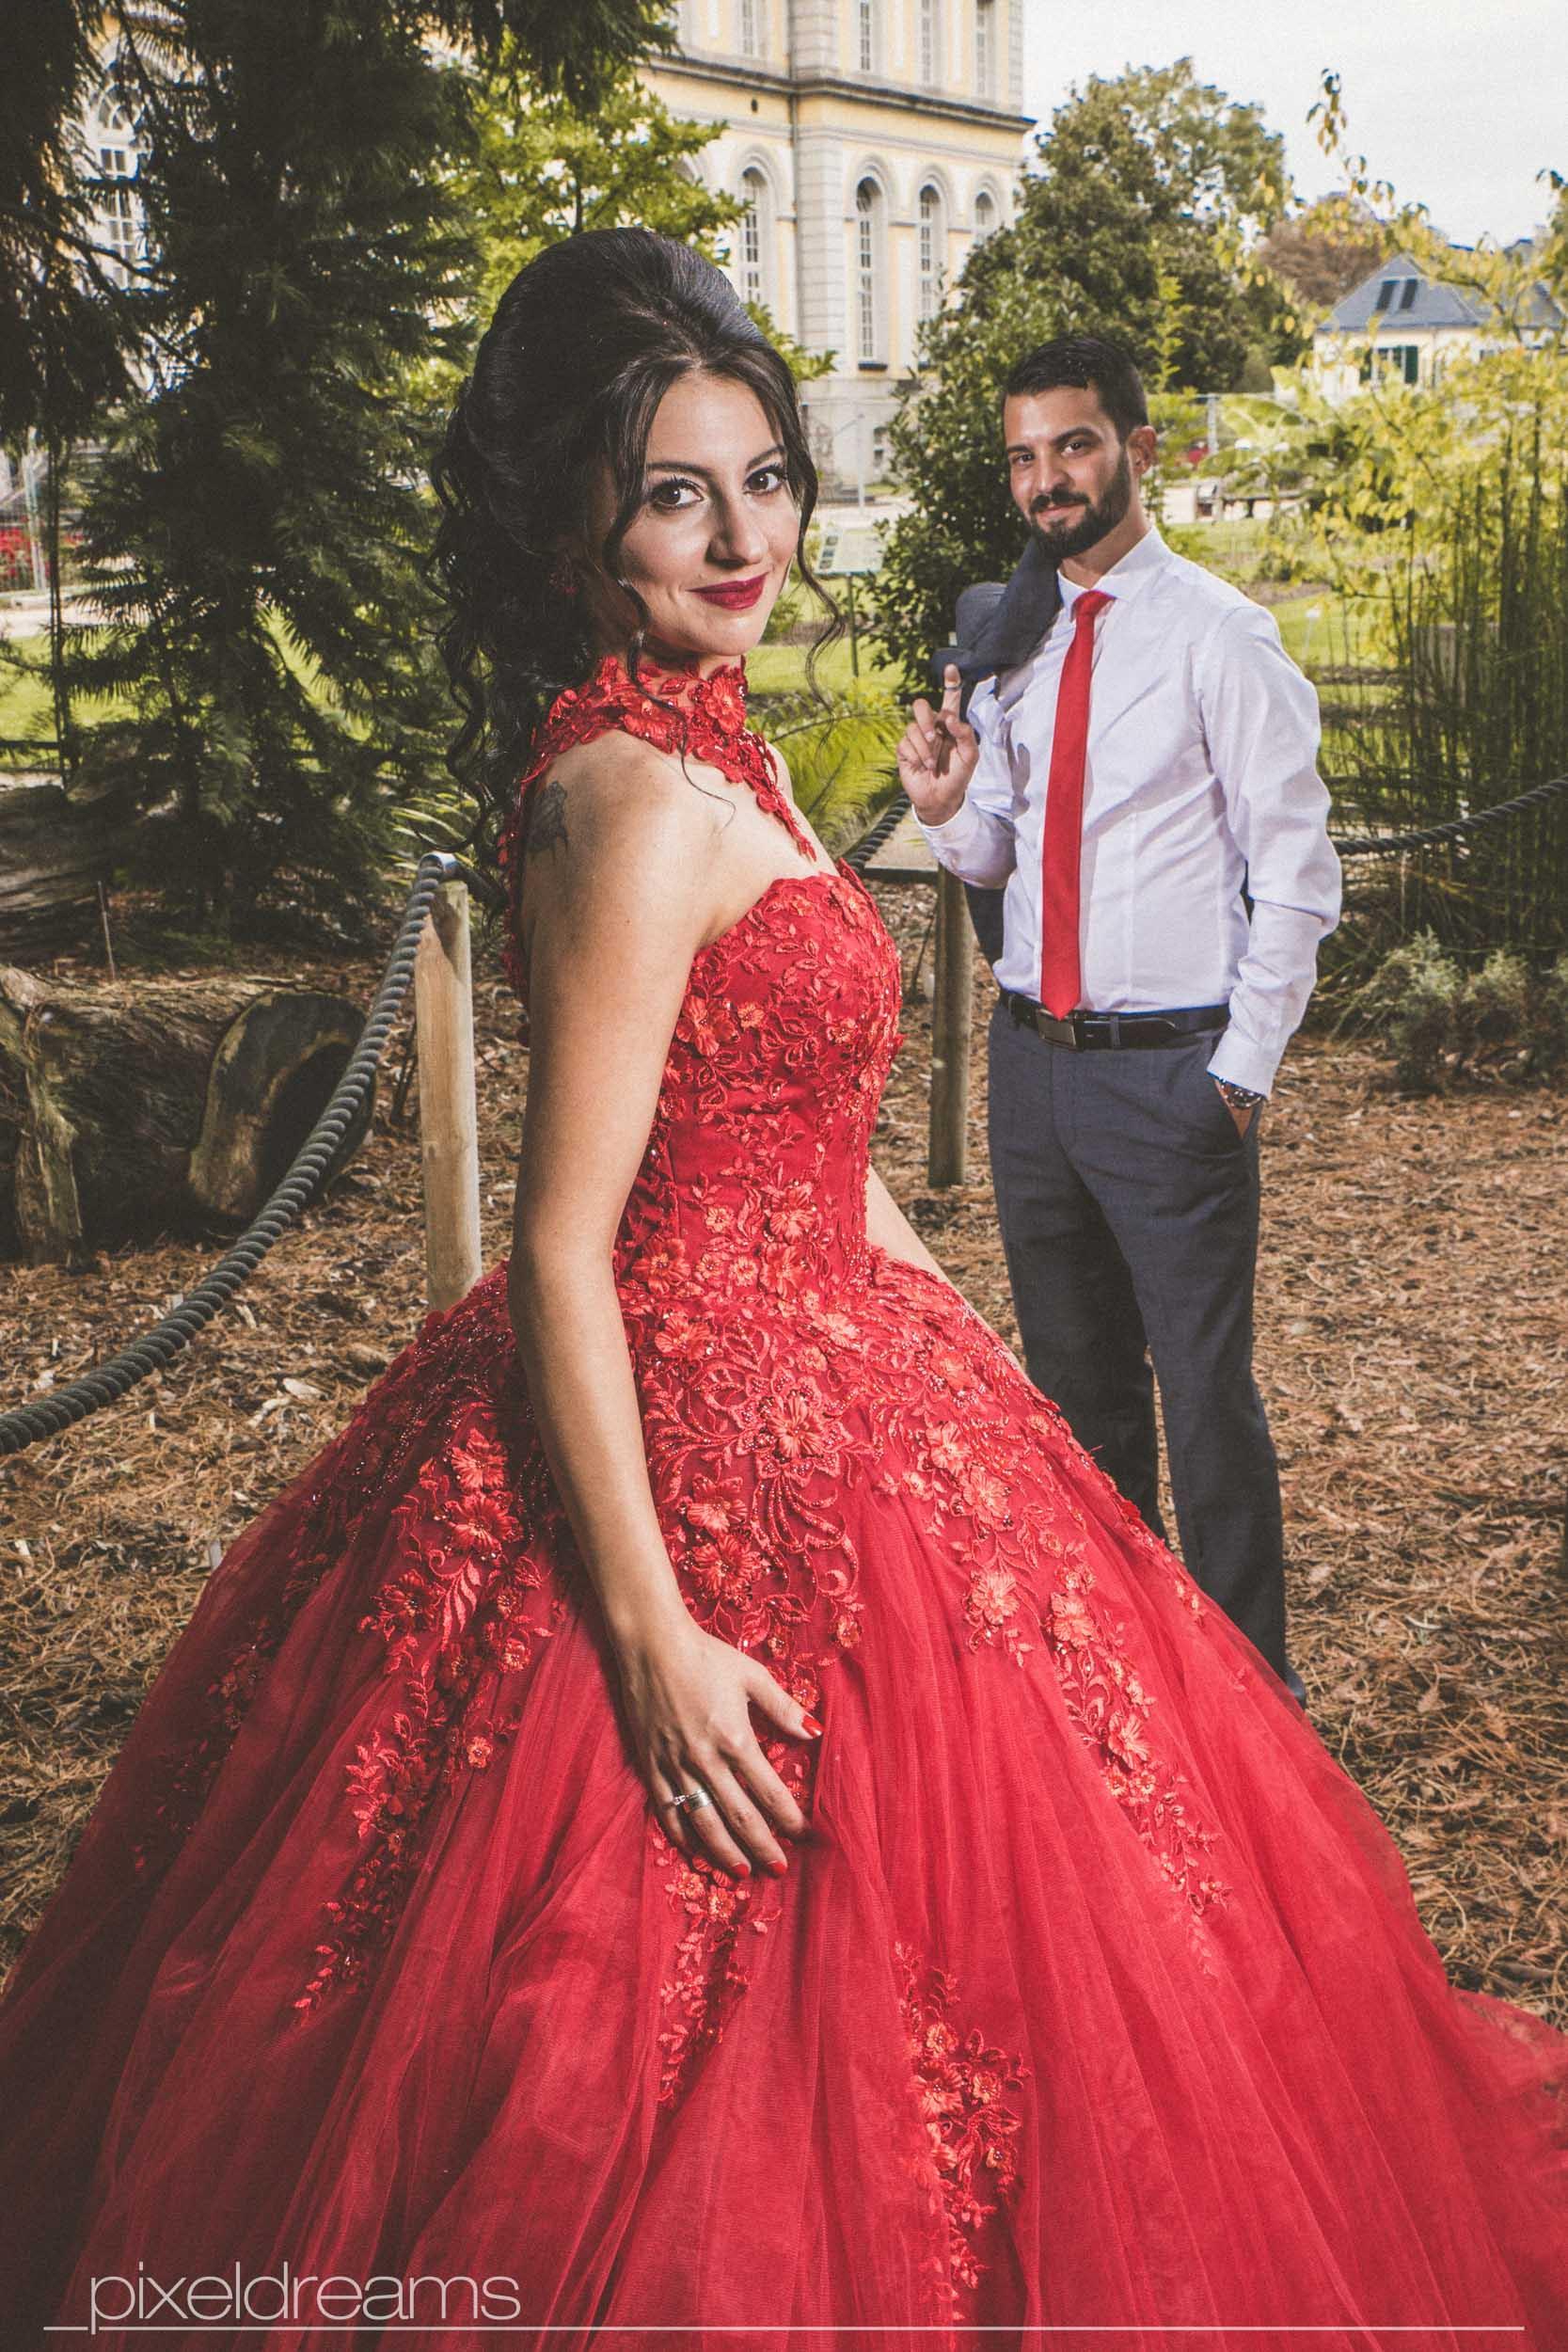 Rotes Kleid Hochzeit  Die Story Hinter Dem Roten Kleid In